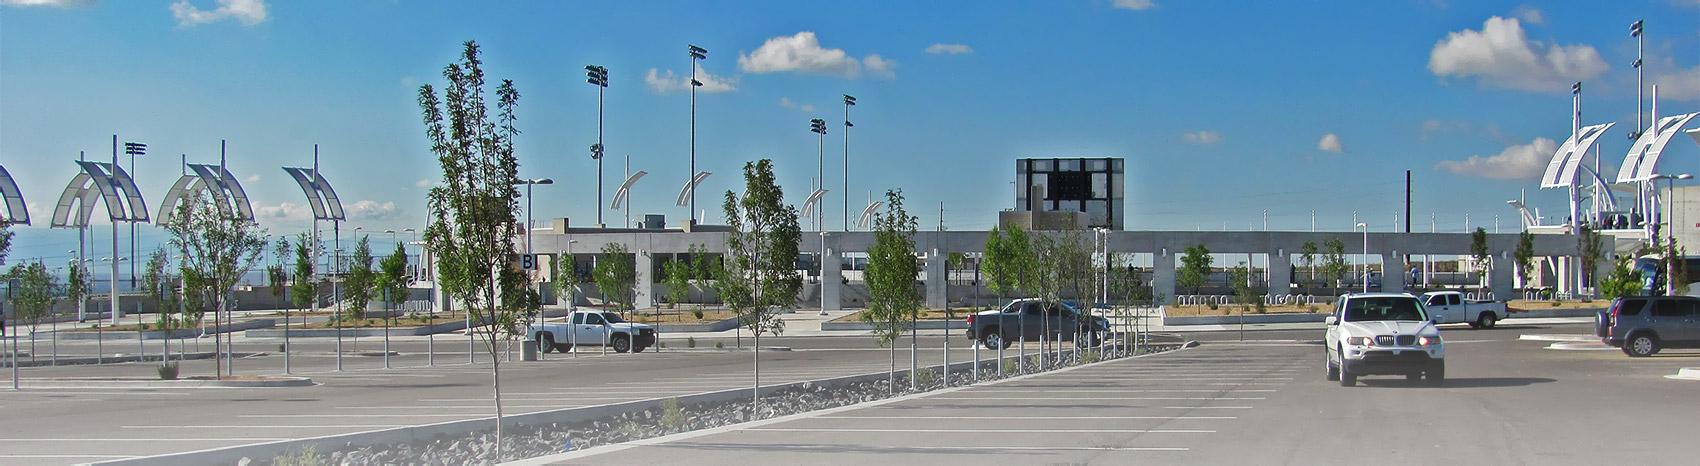 aps-stadium-2